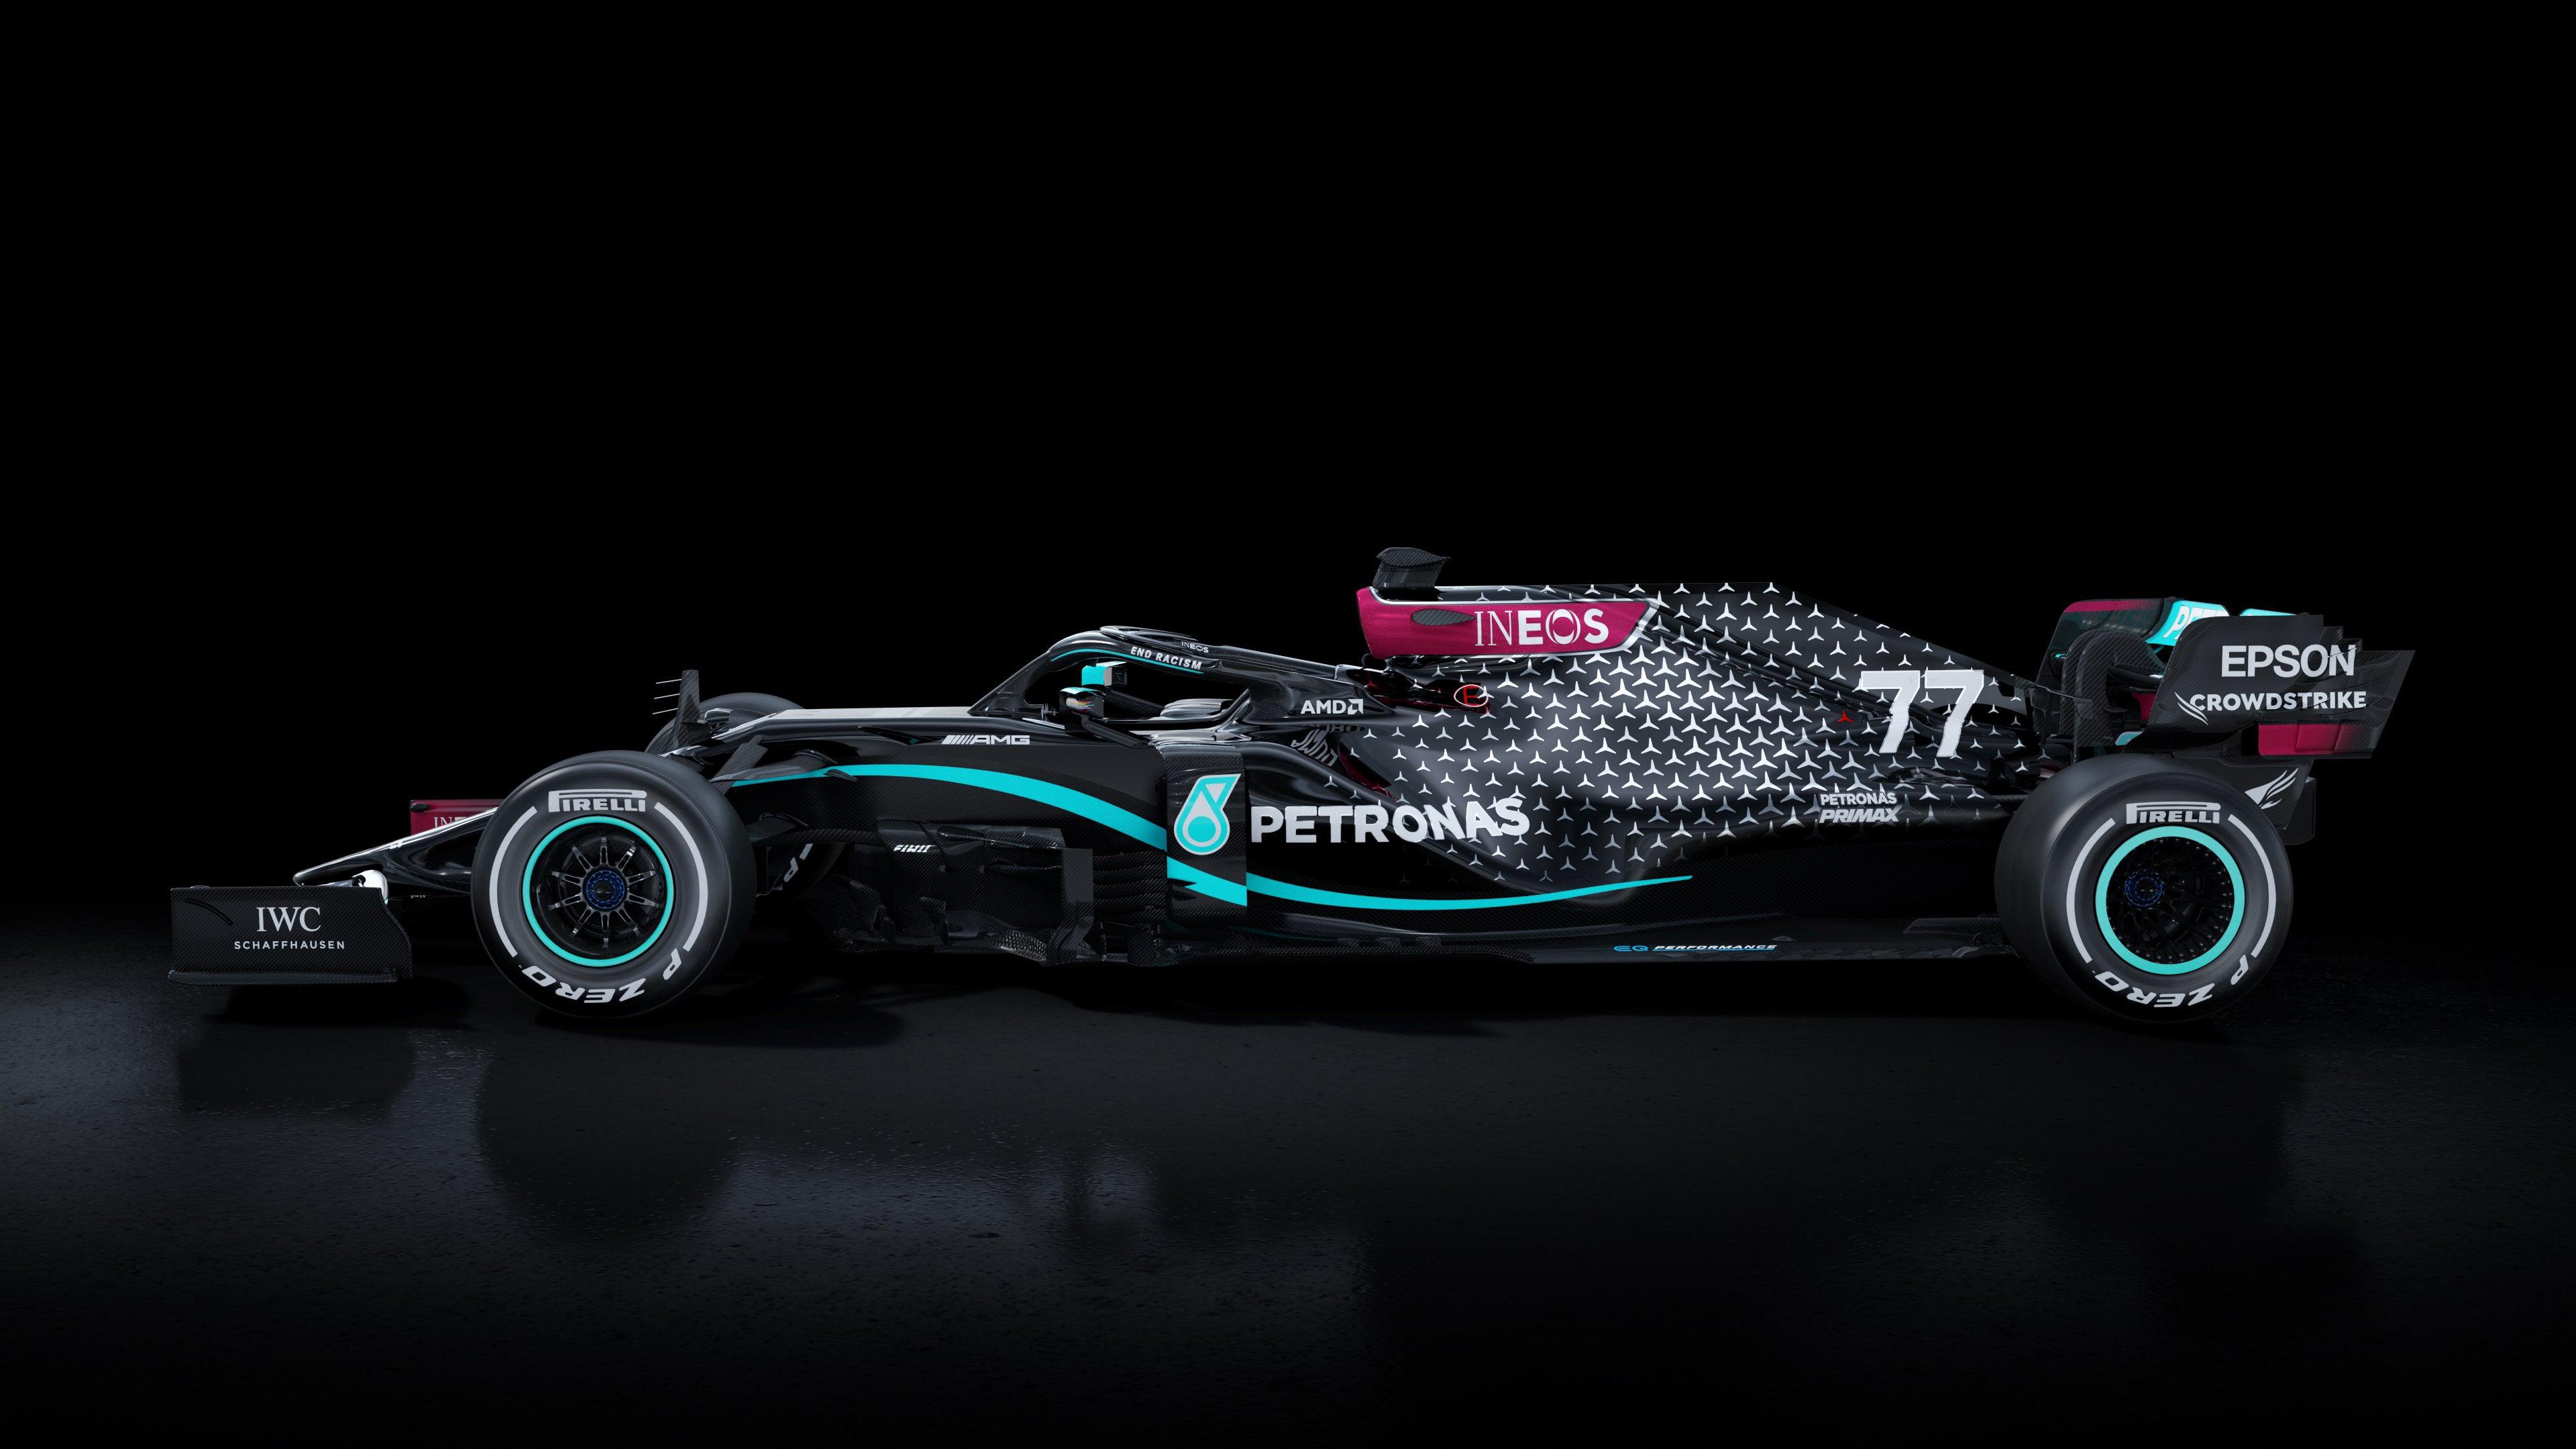 Mercedes Amg F1 W11 Eq Performance 2020 4k Wallpaper Hd Car Wallpapers Id 15215